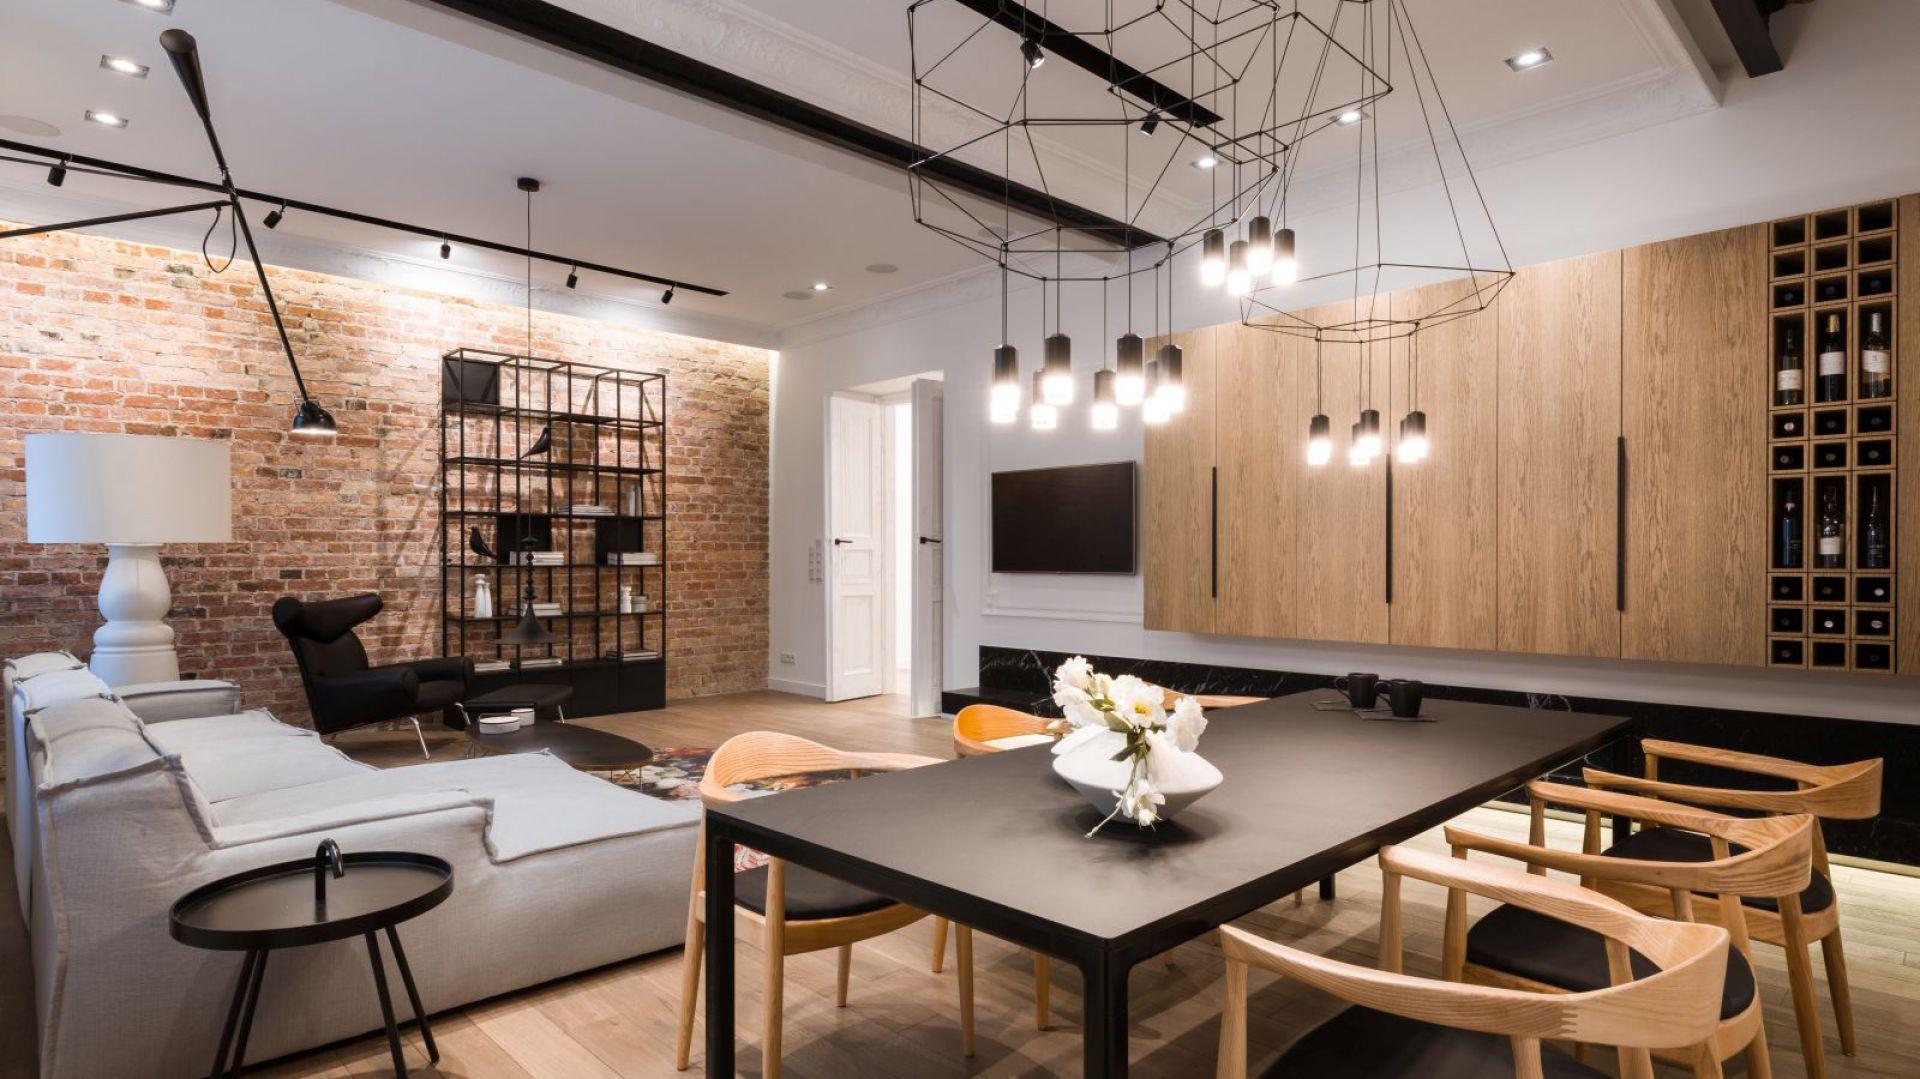 Wnętrze zwraca uwagę finezyjnym połączeniem starego z nowym. Sercem mieszkania jest salon otwarty na kuchnię z jadalnią i strefę wypoczynku. Elementem mającym ogromny wpływ na odbiór przestrzeni jest tu nowoczesne oświetlenie. Zostało tak zaprojektowane, aby precyzyjnie tworzyć sceny świetlne podkreślające klimat mieszkania poprzez wyeksponowanie jego poszczególnych elementów. Fot. Hamish Cox